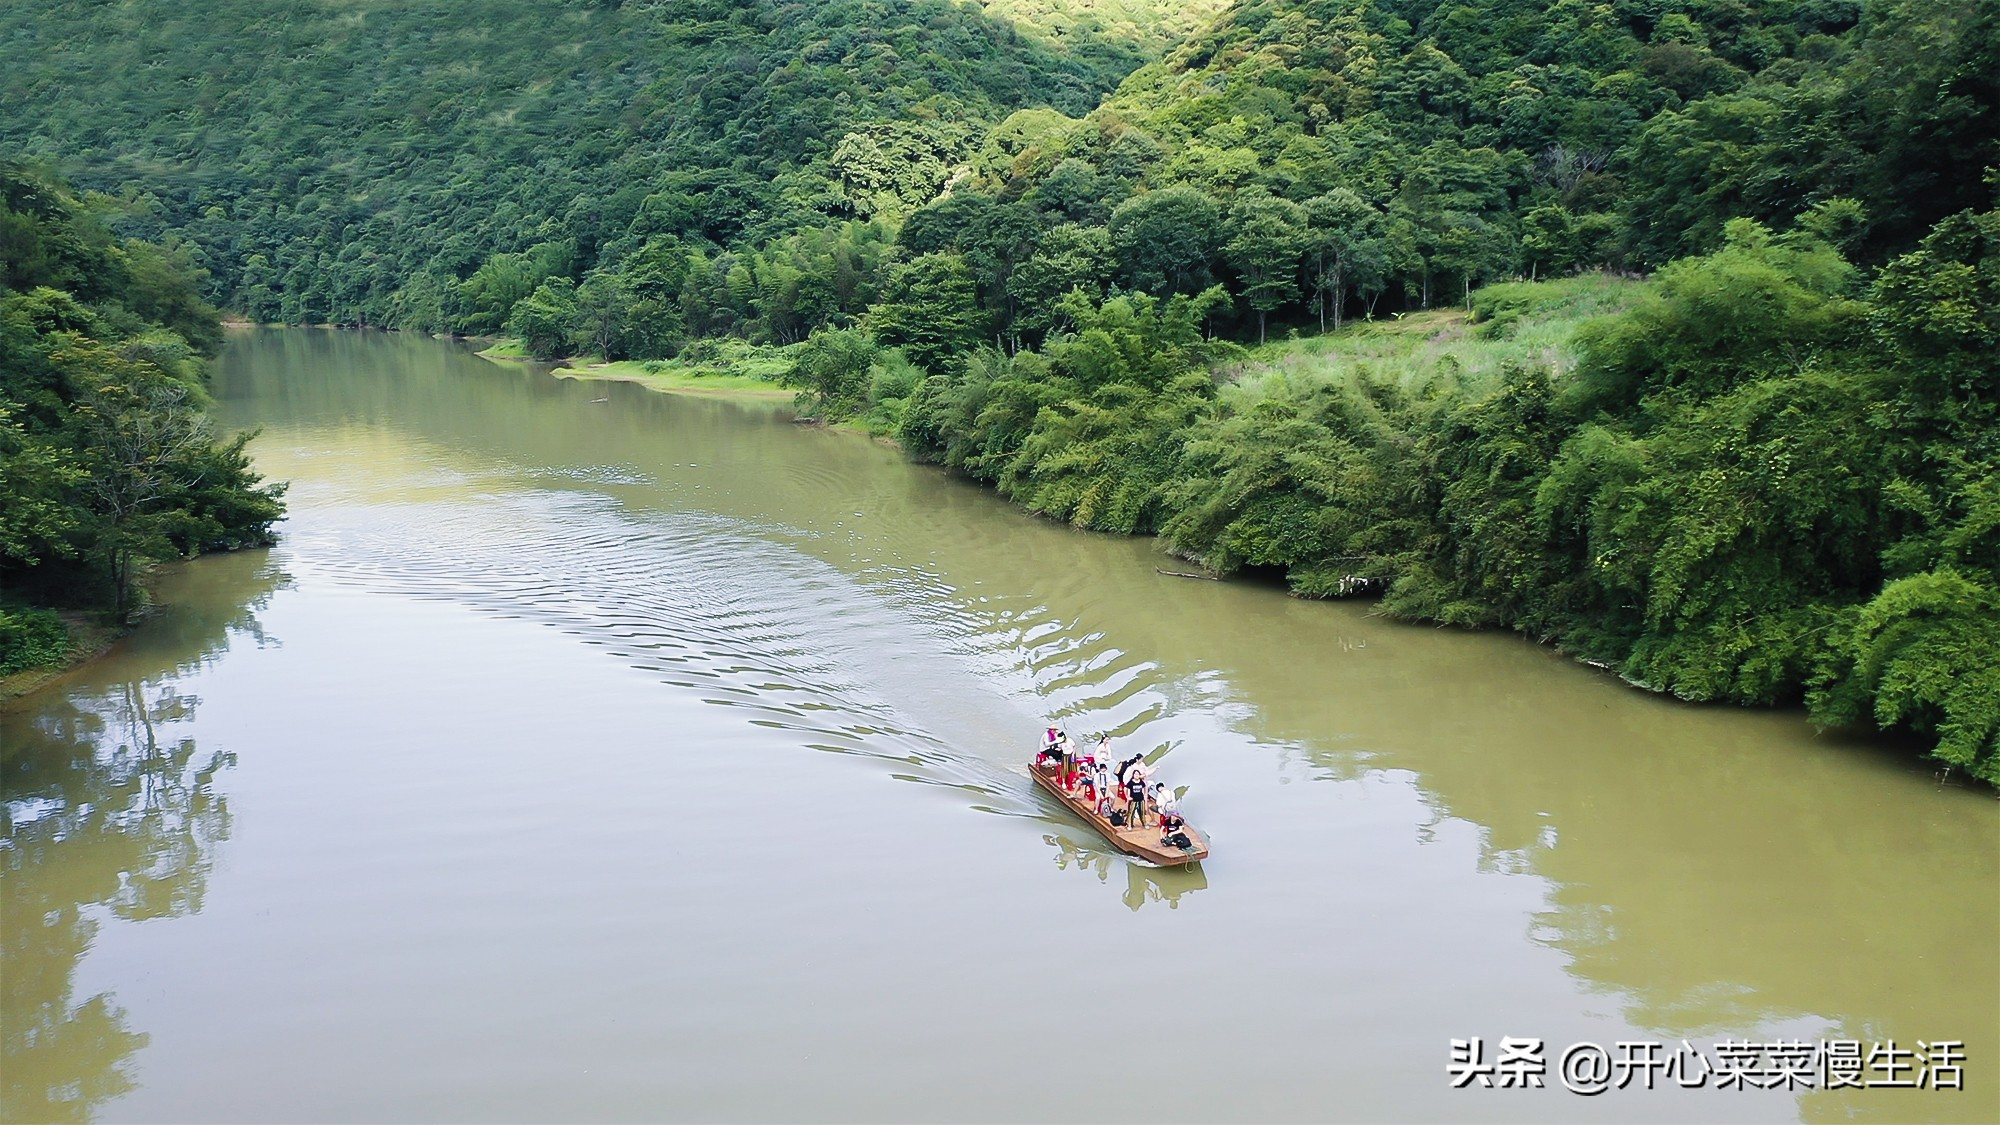 江西省赣州市全南县,虽是一座小小县城,却能让广东人羡慕又嫉妒